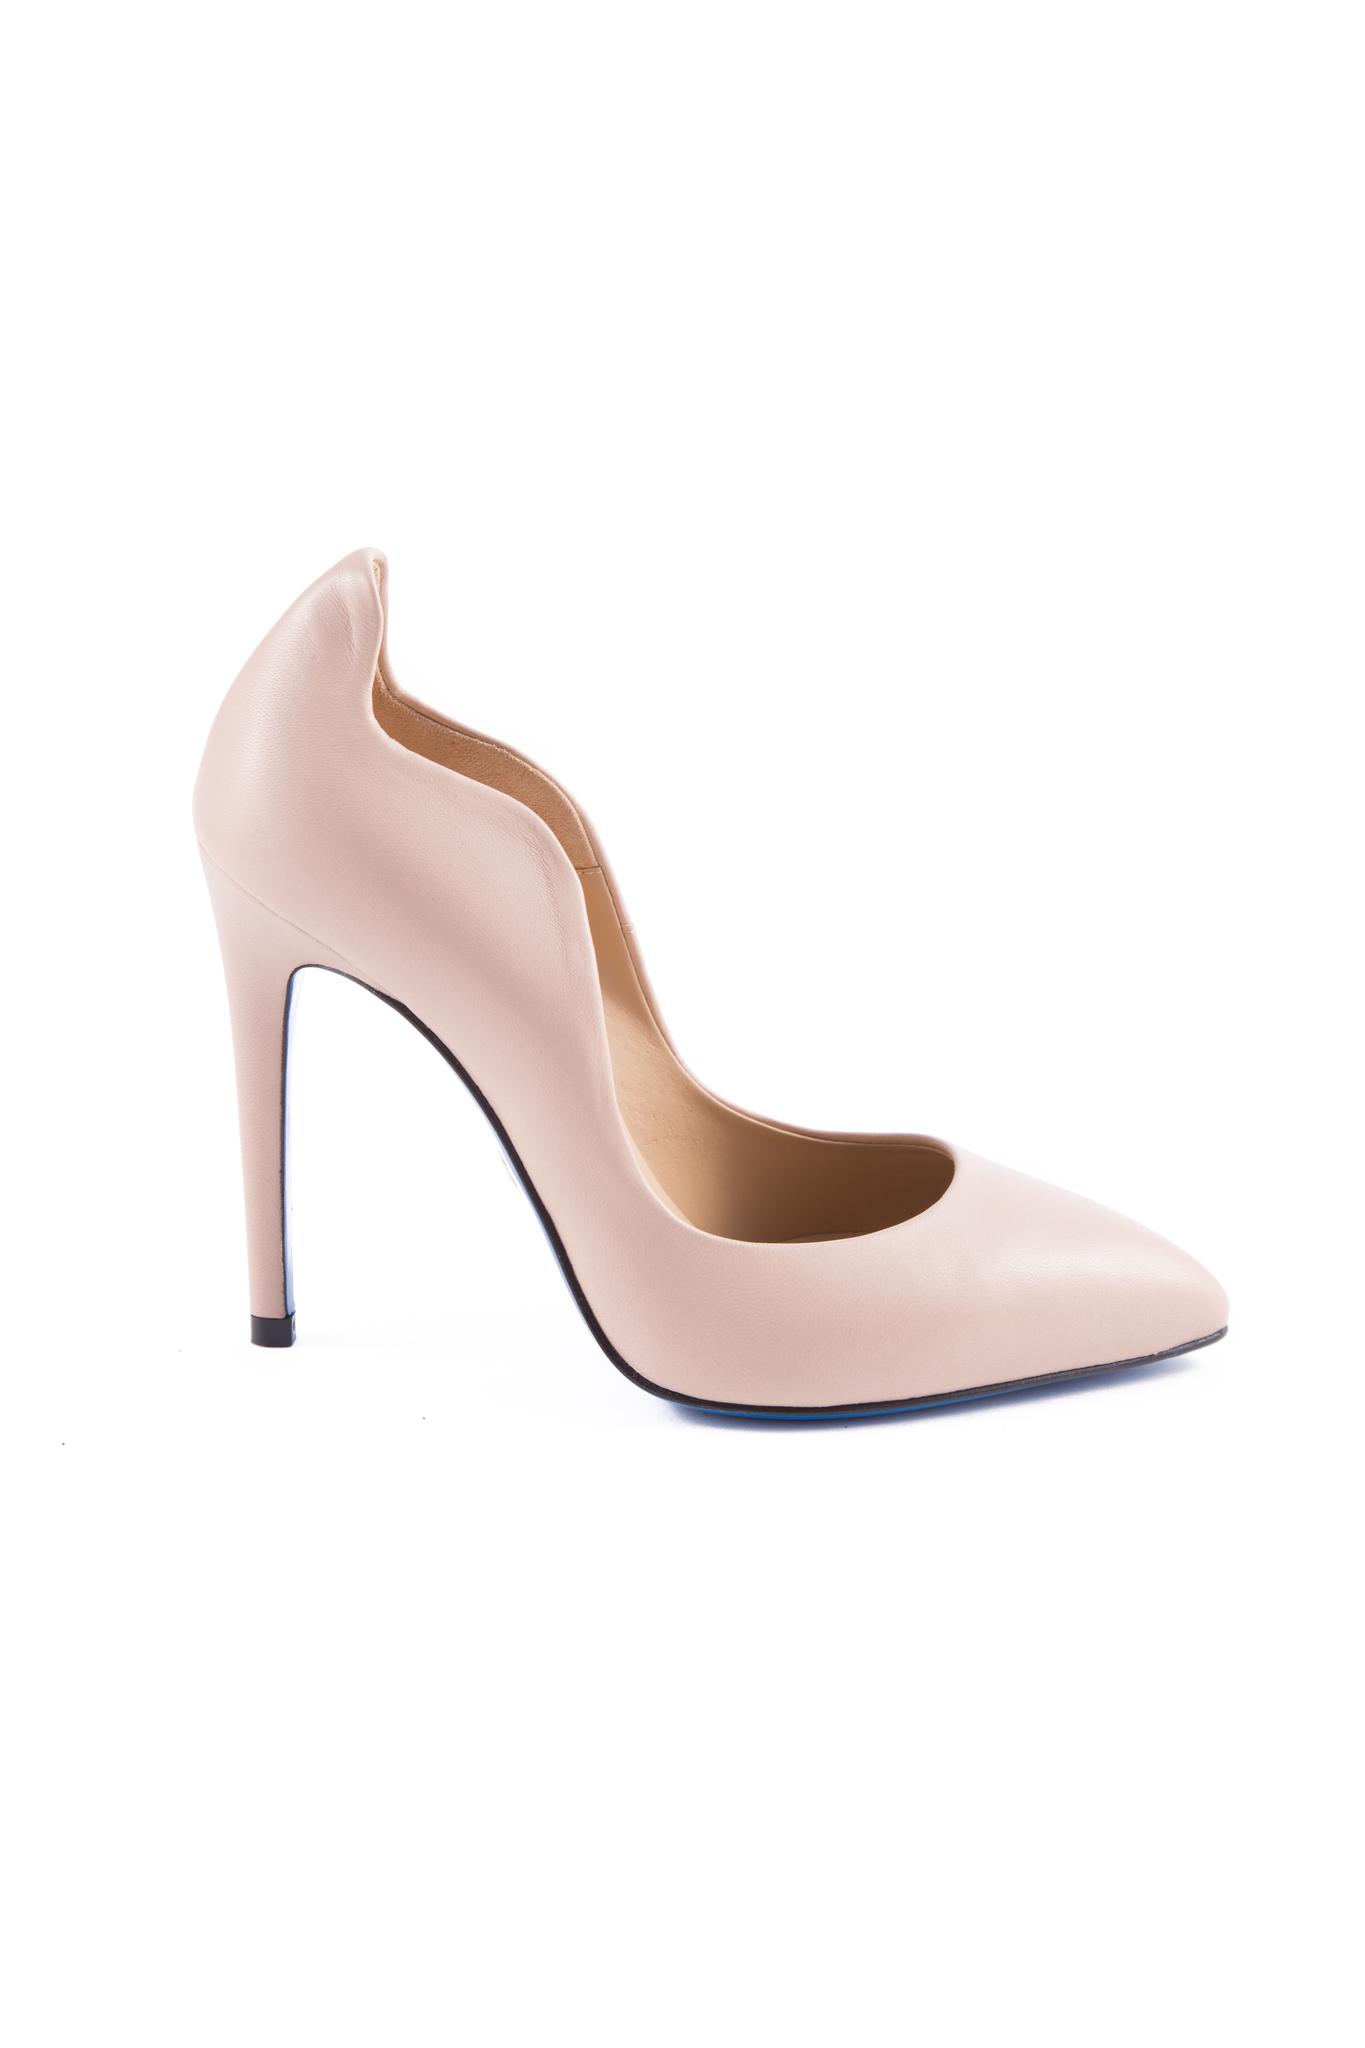 13ad79aa6e5 MILANO Интернет магазин итальянской обуви. Работаем по всей России ...